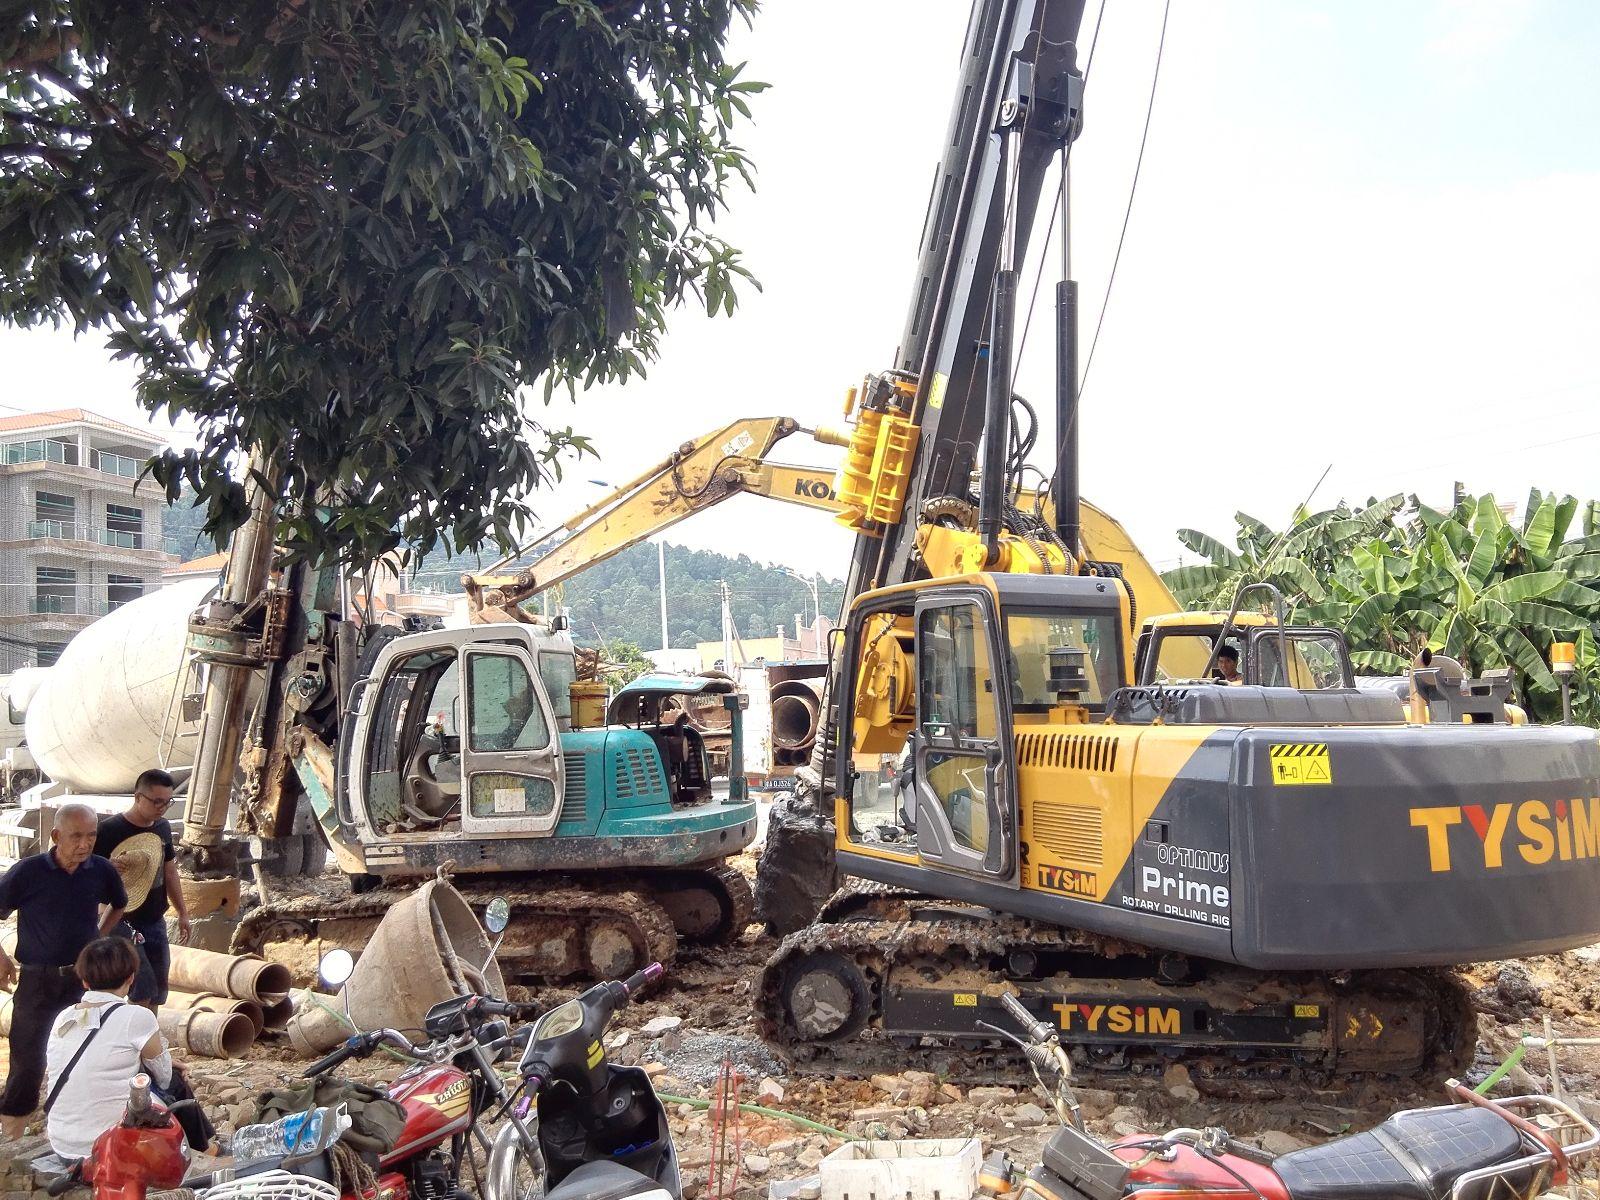 Producent maszyn budowlanych (2)